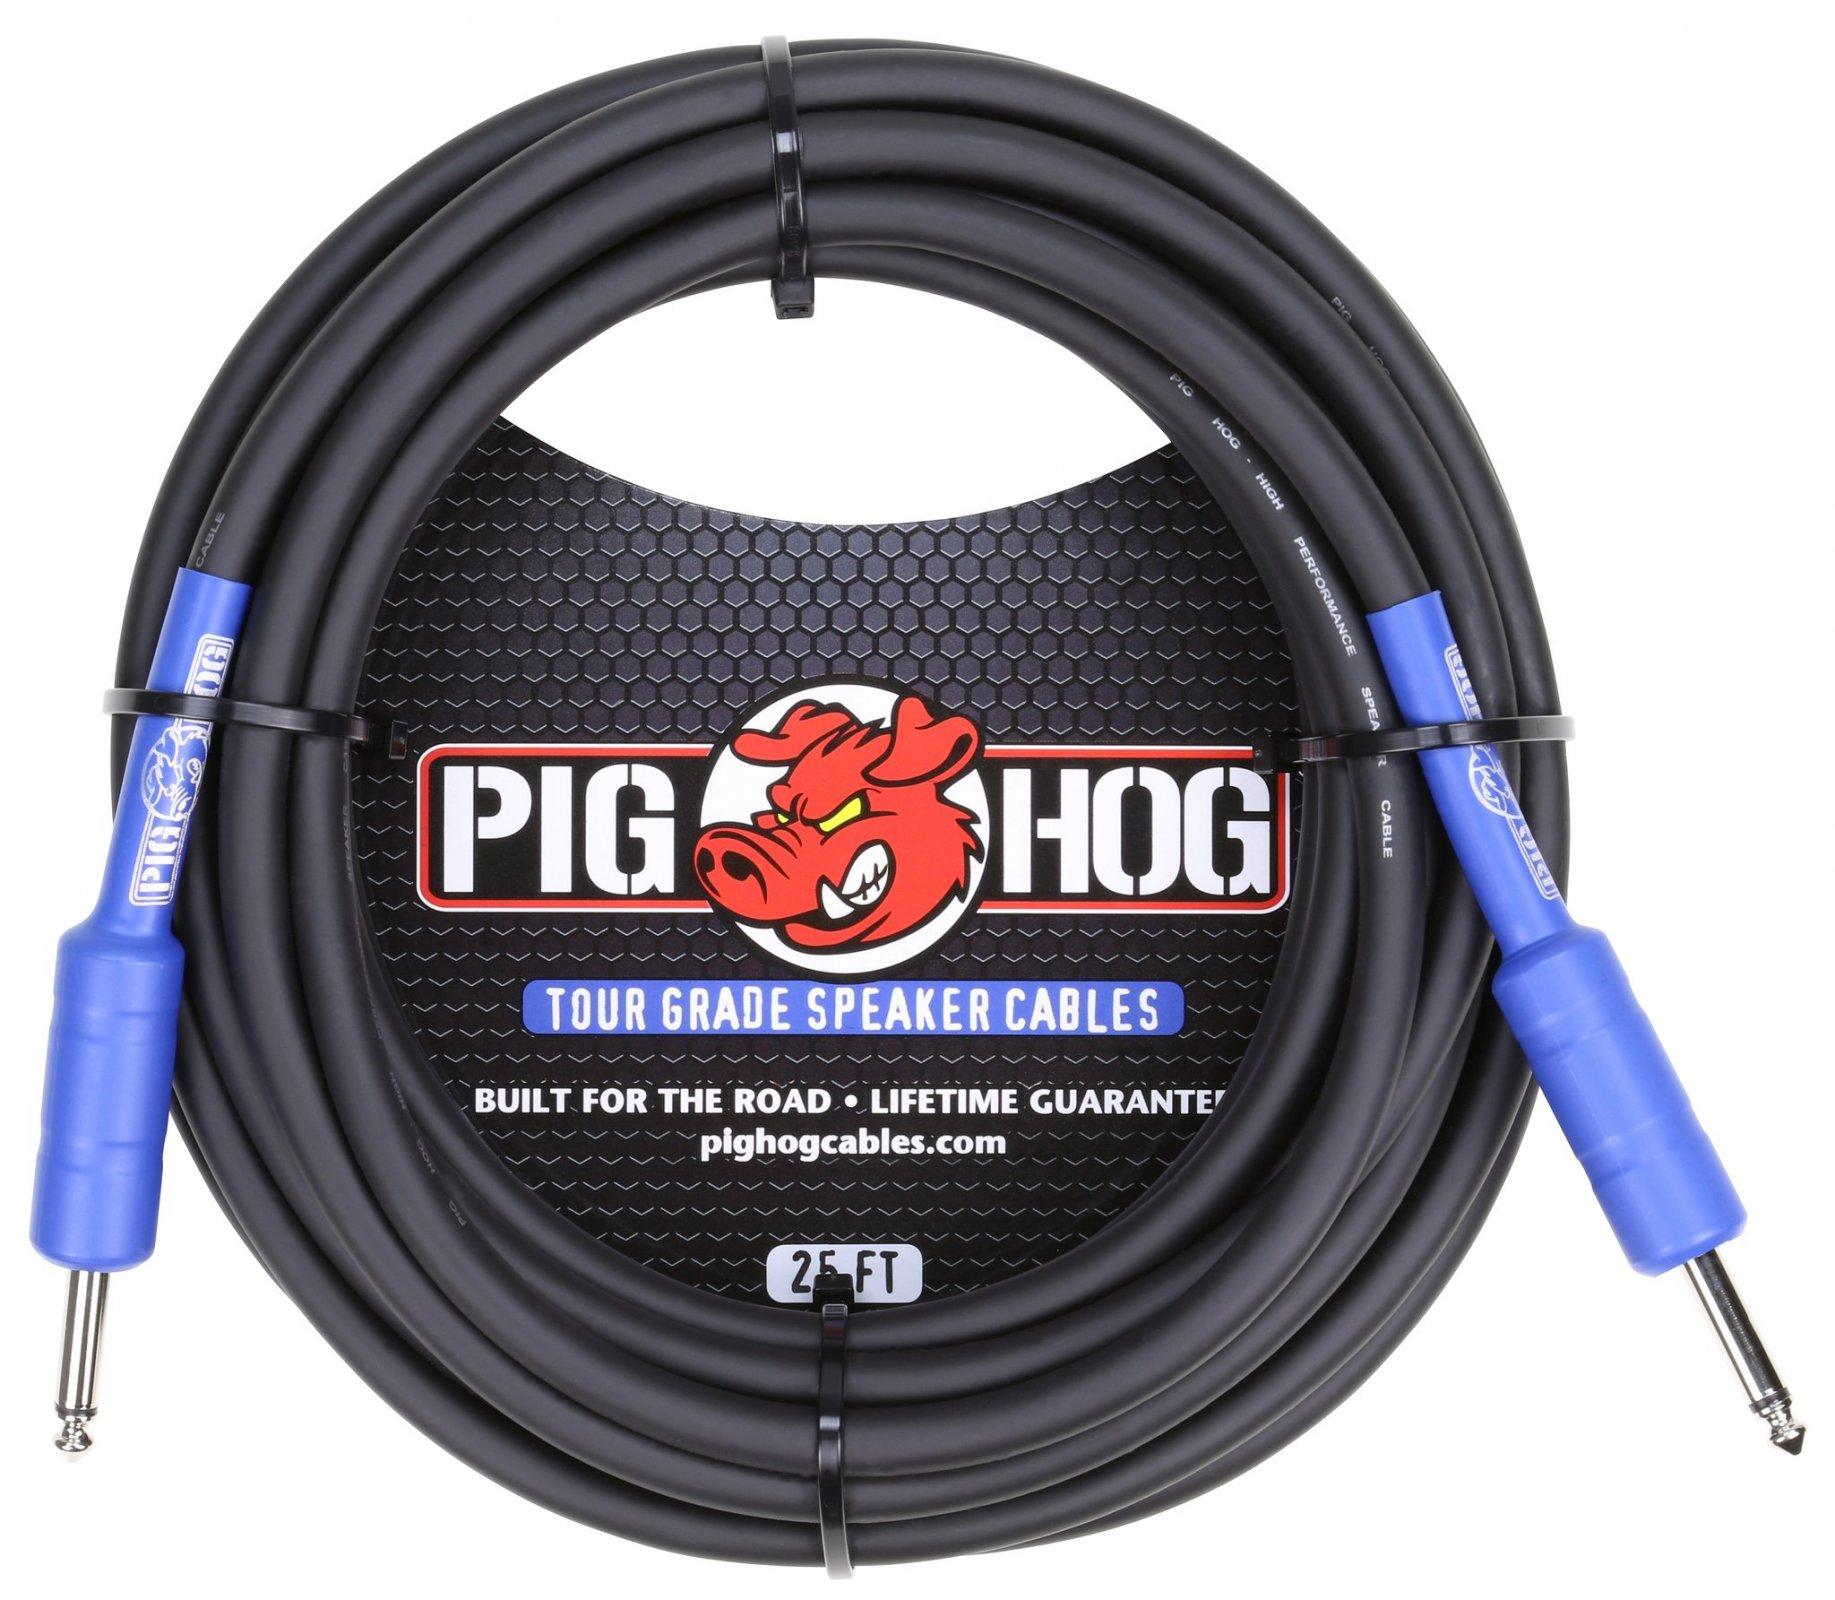 Pig Hog 1/4 Speaker Cable 25'